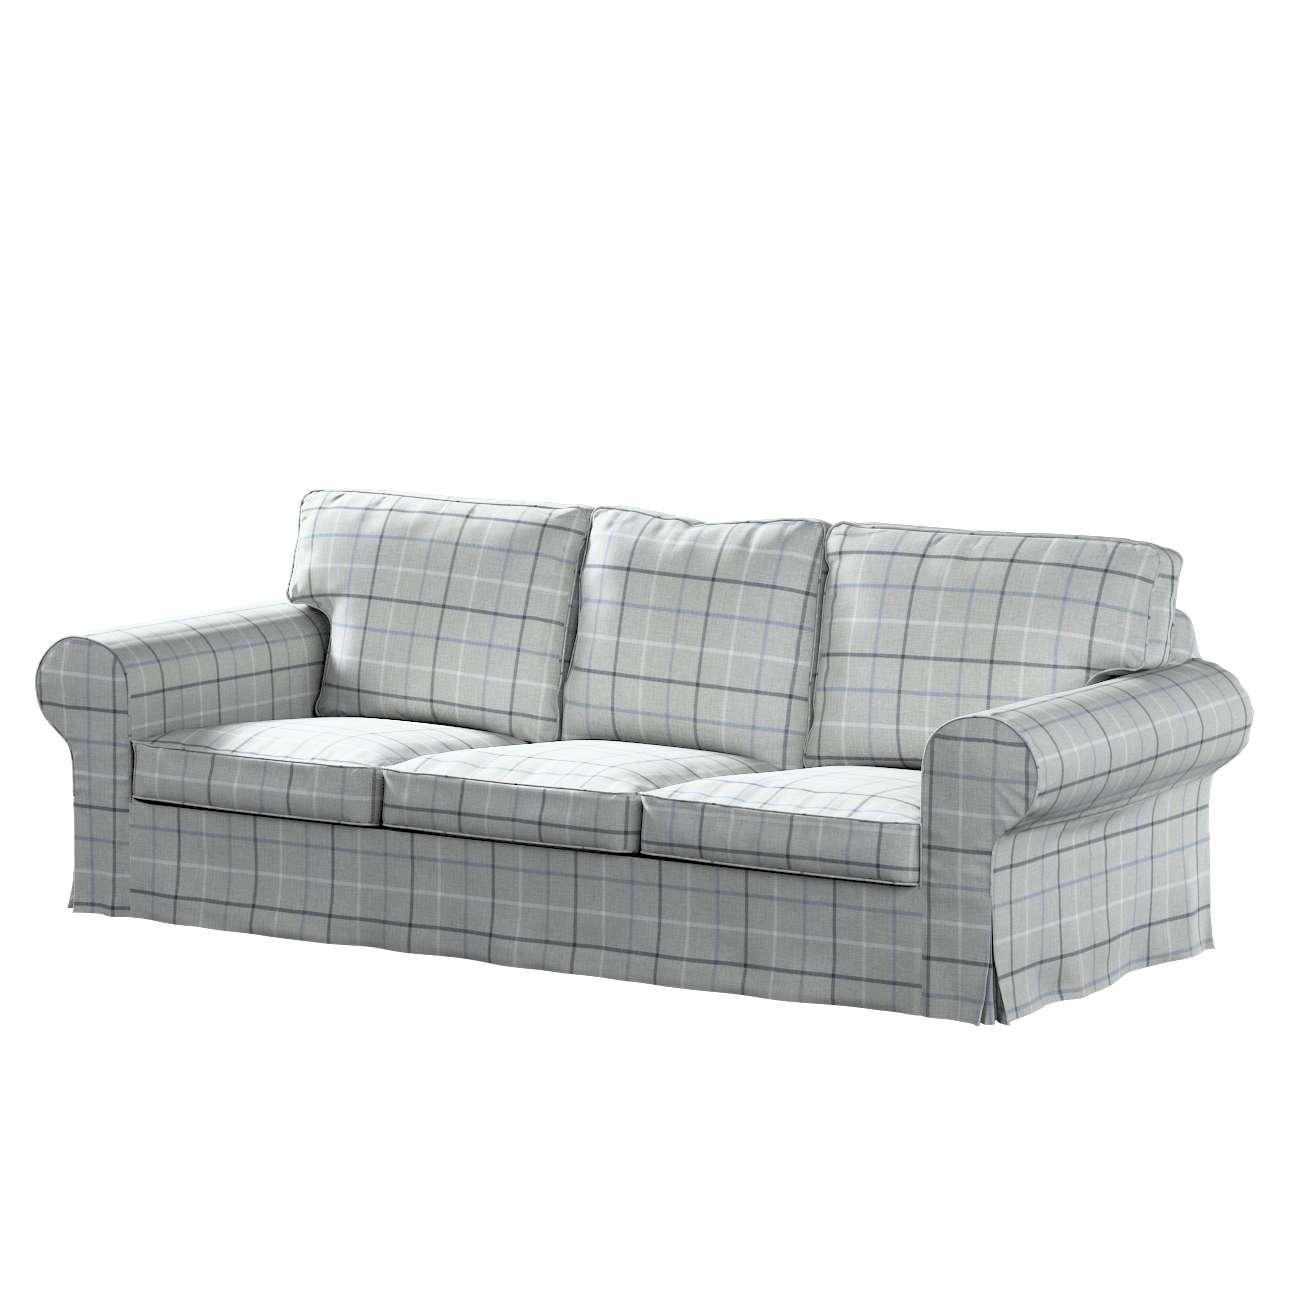 Pokrowiec na sofę Ektorp 3-osobową, rozkładaną, PIXBO w kolekcji Edinburgh, tkanina: 703-18